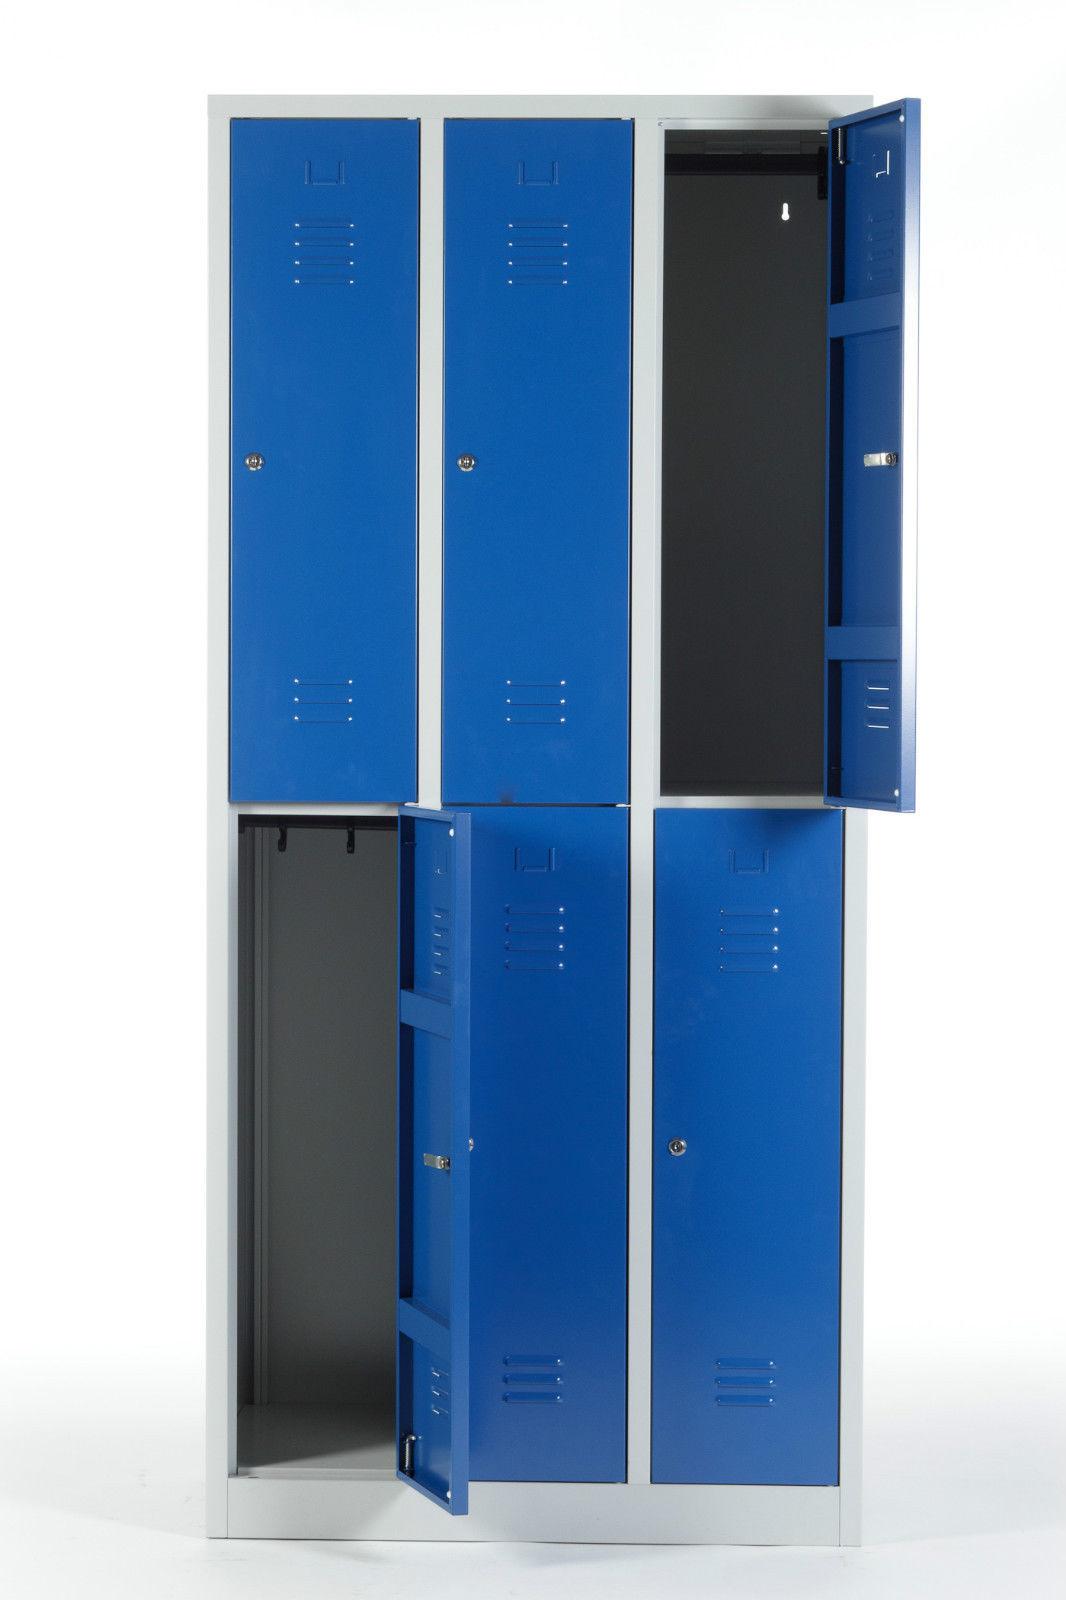 kleiderspind 2x3 abteile 6 f cher metallspind metallspint spind doppelspind blau ebay. Black Bedroom Furniture Sets. Home Design Ideas